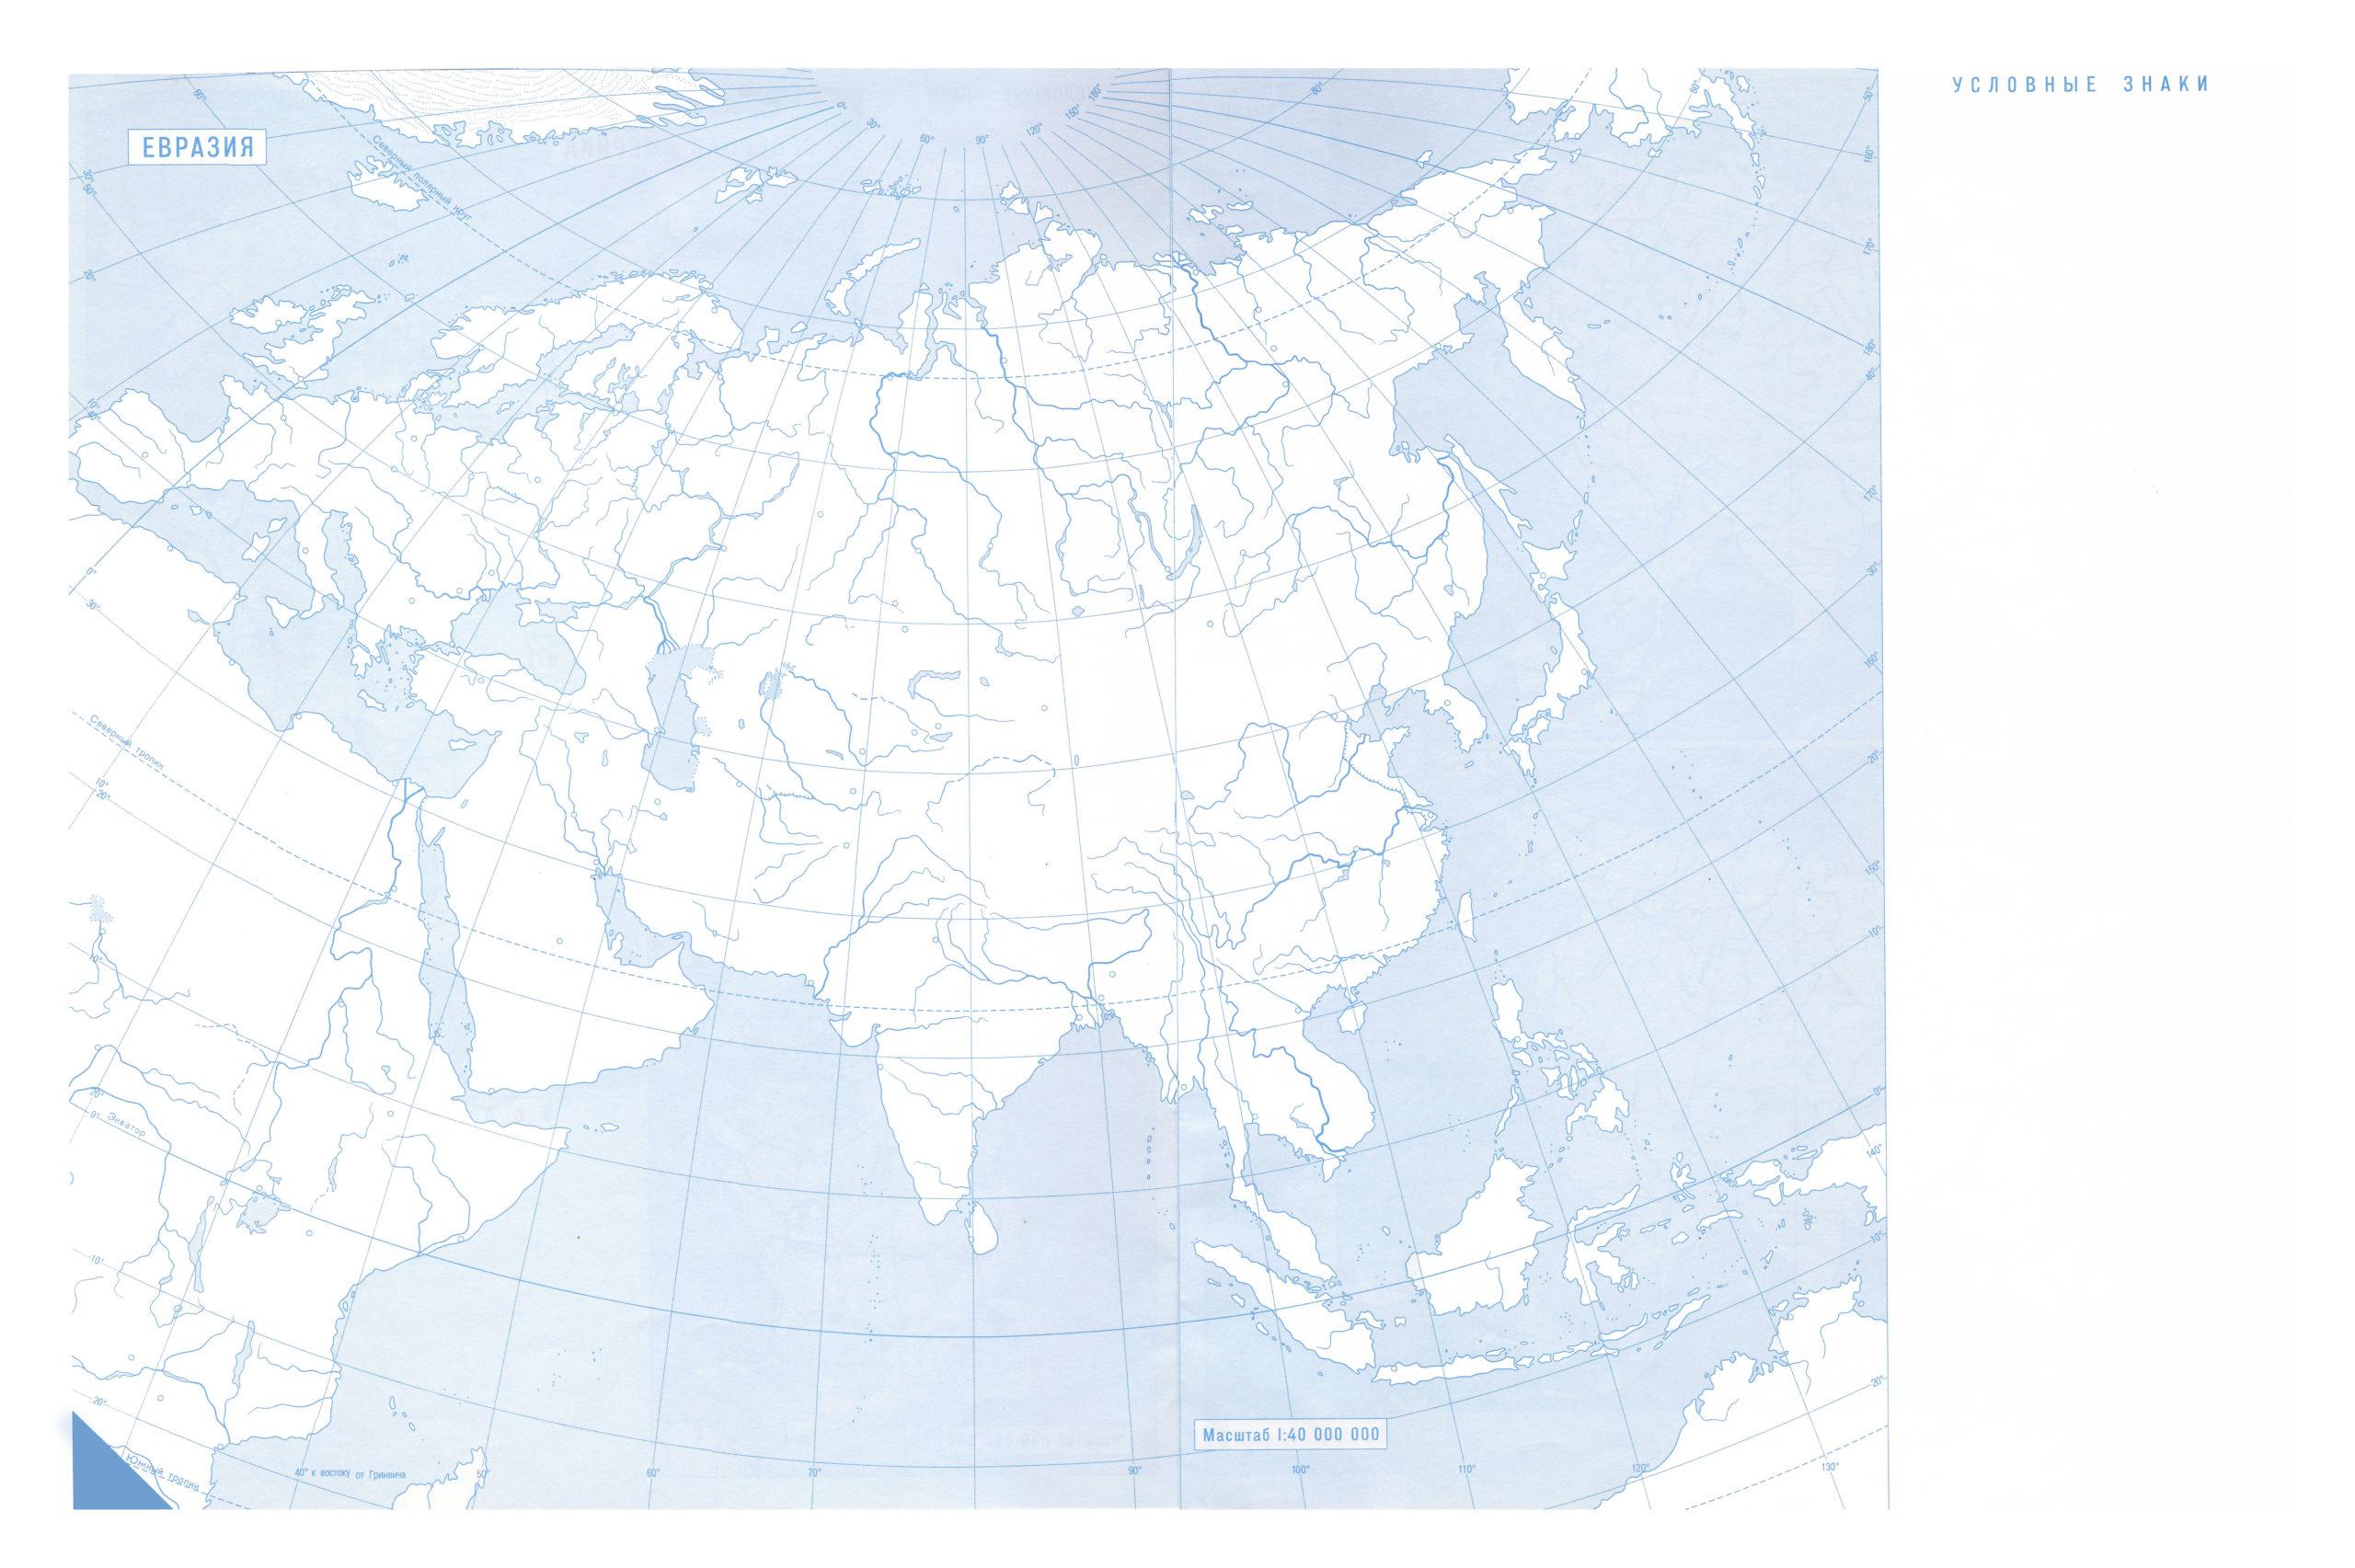 Географические карты Евразии крупным планом на русском языке: физическая, политическая и контурная 4